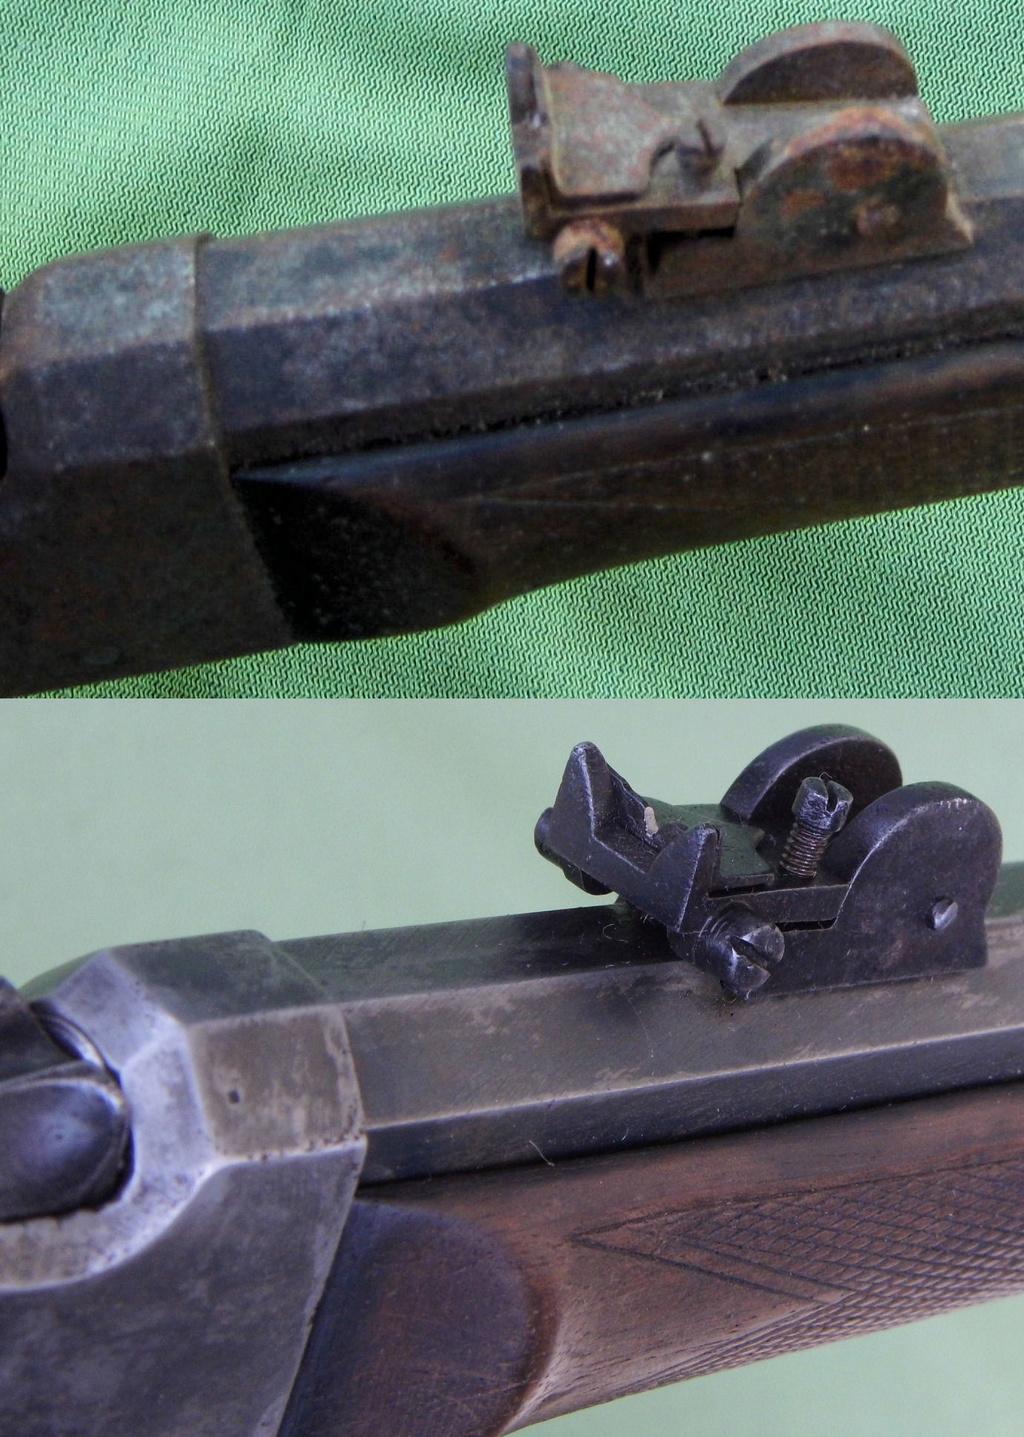 Une carabine de tir en 22lr d'origine inconnue, à restaurer. Old-ne18